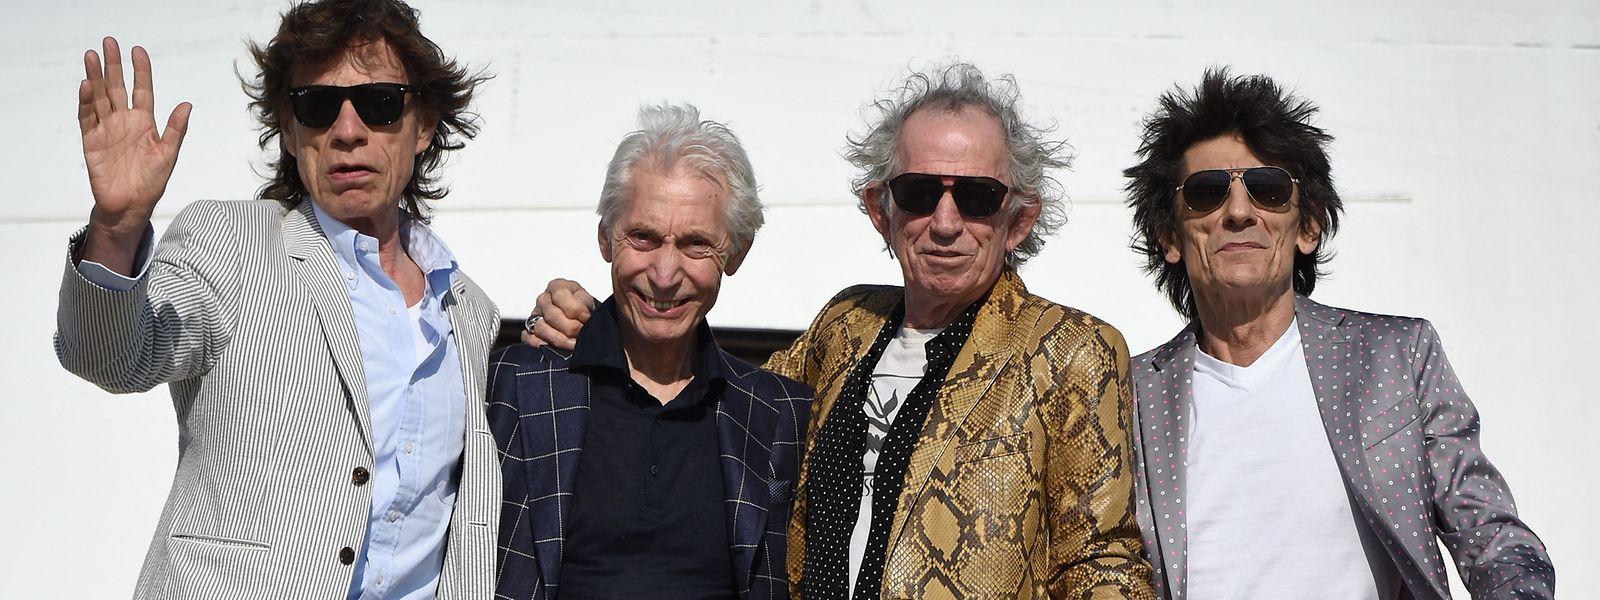 Die Rolling Stones im Jahr 2016: Mick Jagger, Charlie Watts, Keith Richards und Ron Wood (v.l.n.r.)